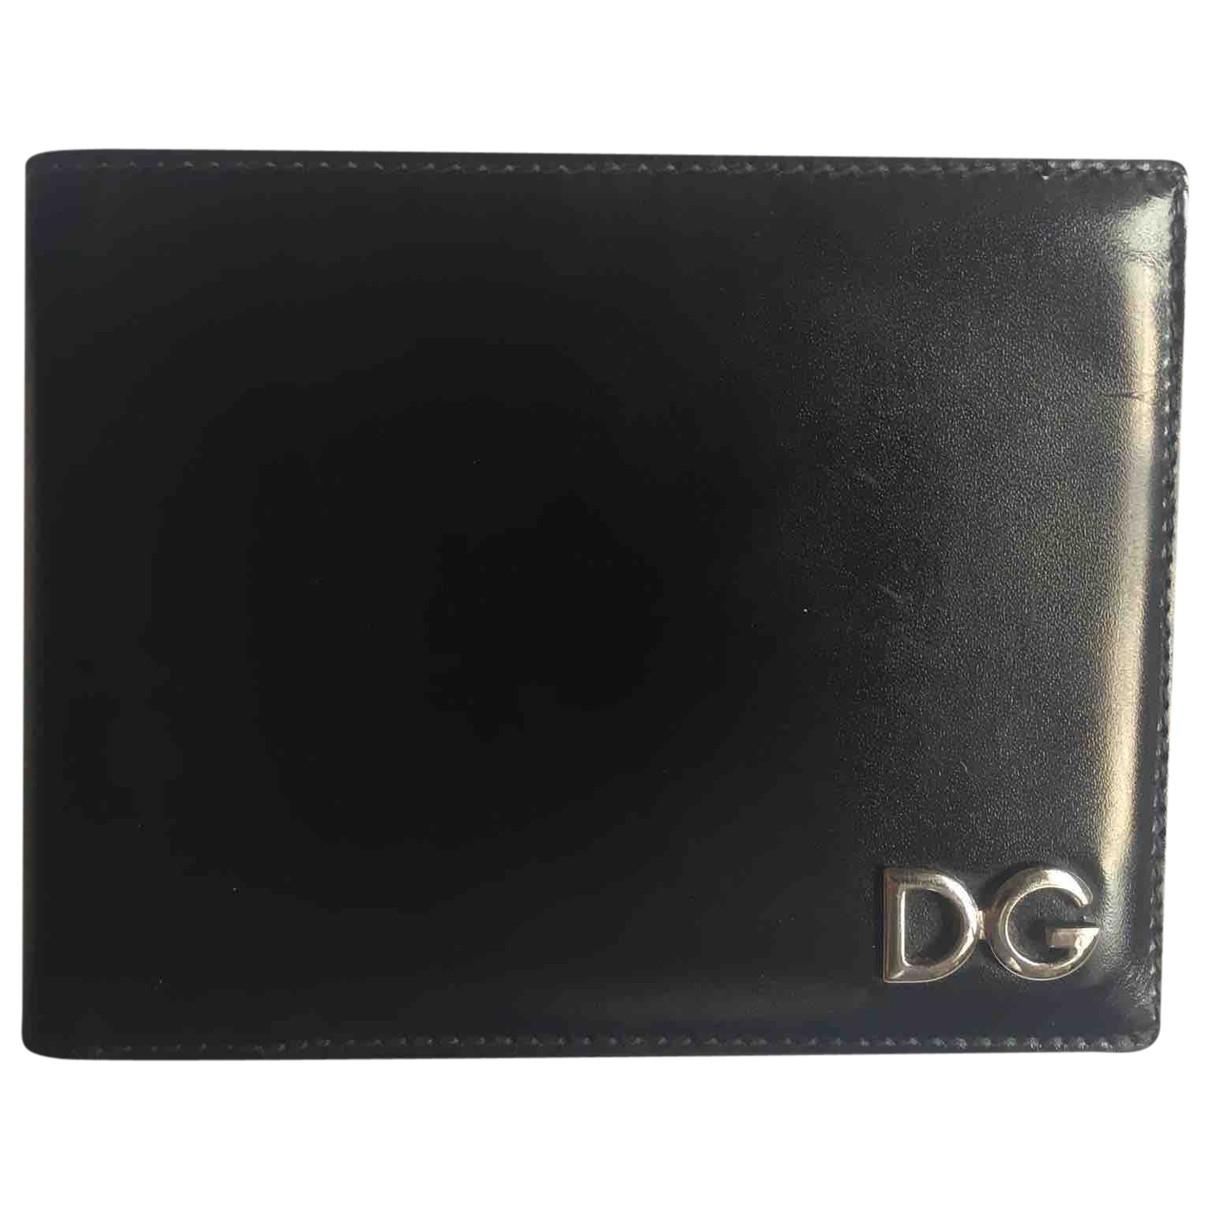 Dolce & Gabbana - Petite maroquinerie   pour homme en cuir - noir